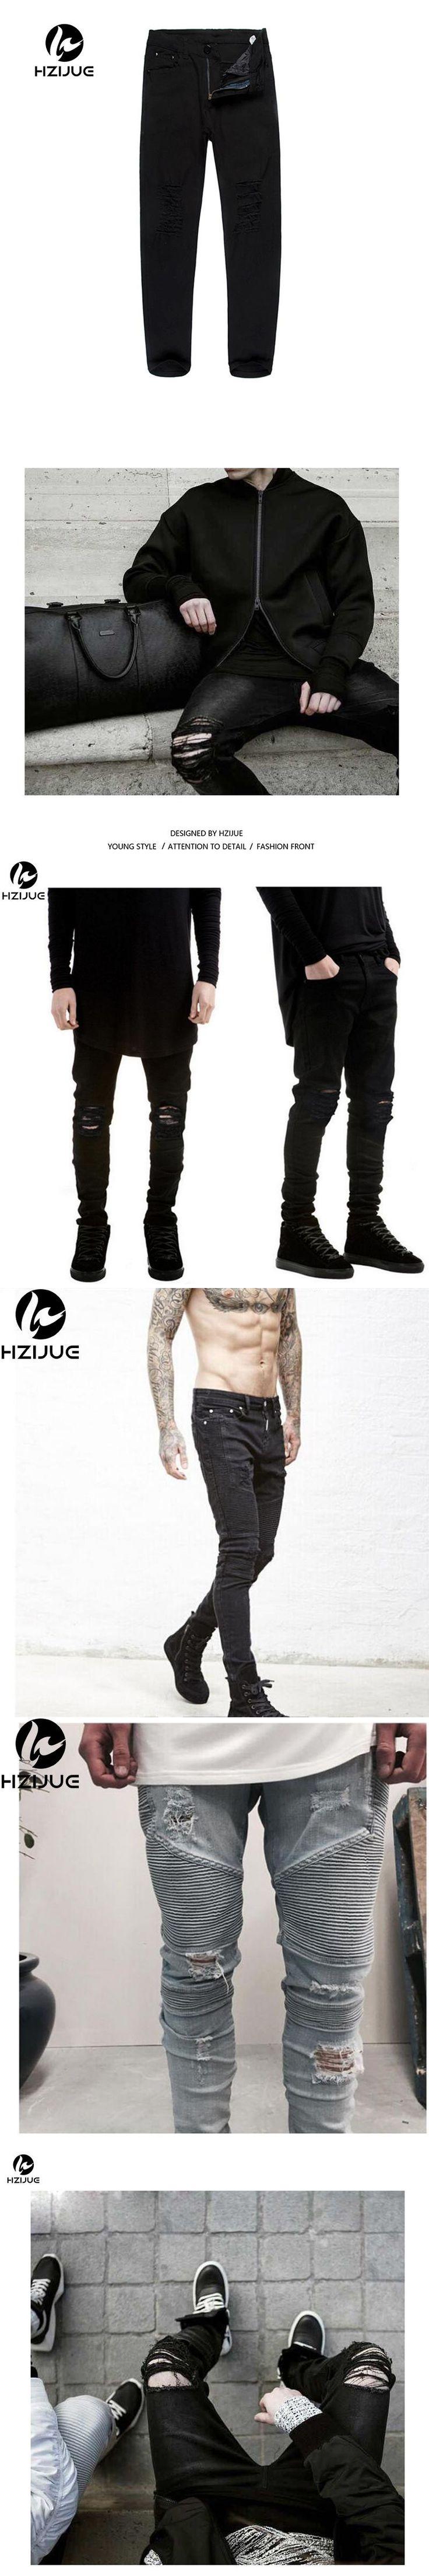 schwarze Beute in Jeans Bilder